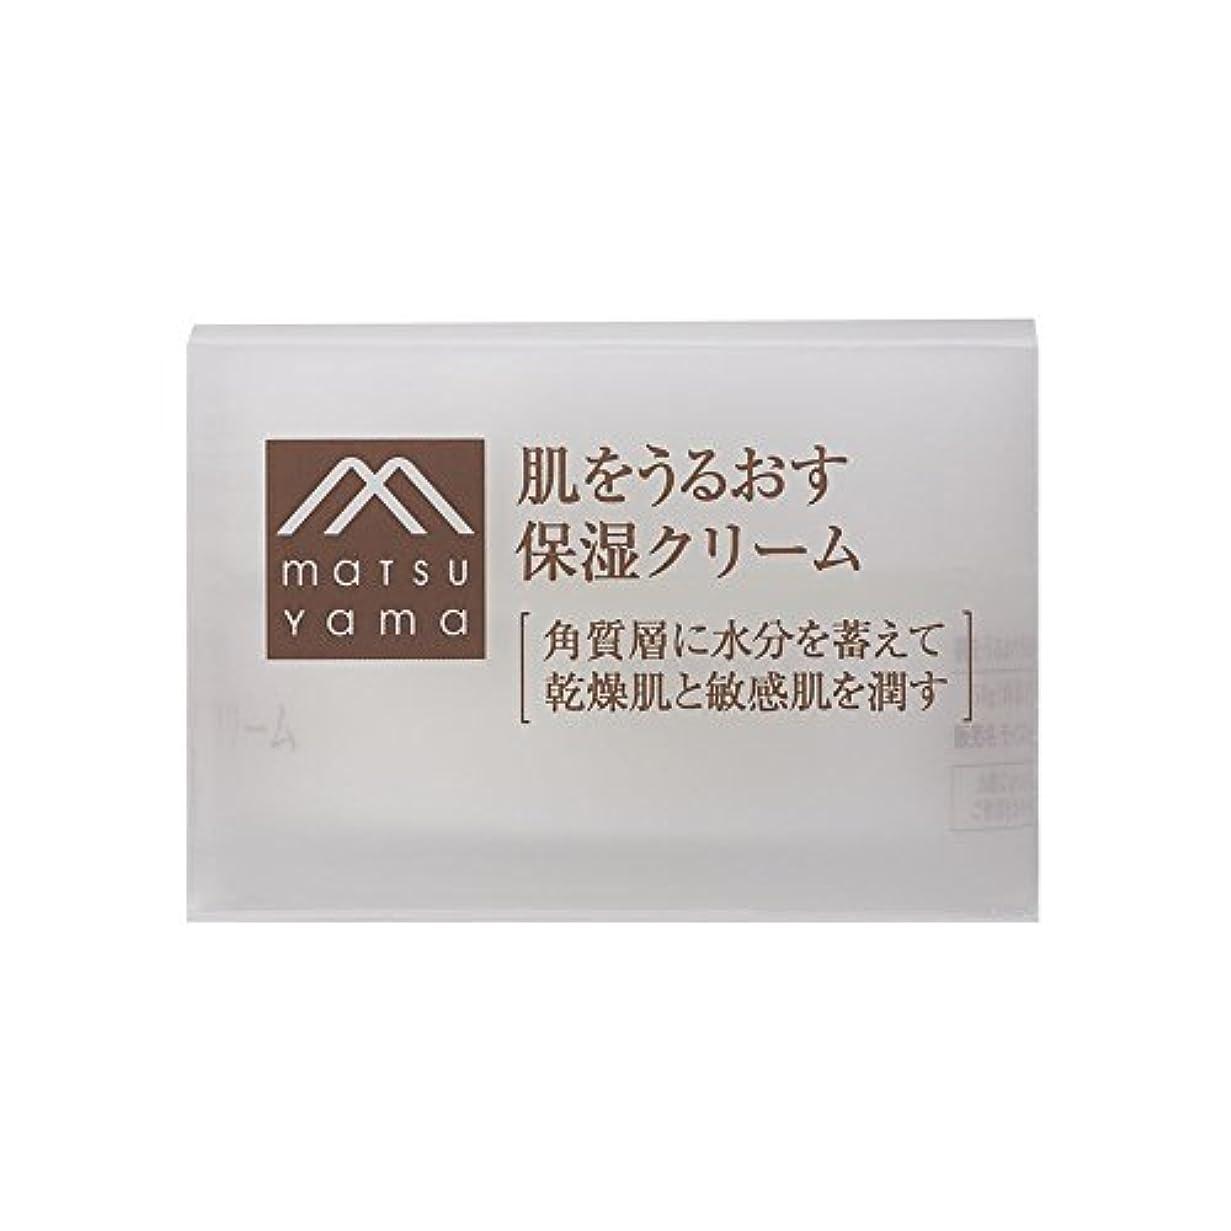 褐色の面ではランチ肌をうるおす保湿クリーム(クリーム) 濃厚クリーム [乾燥肌 敏感肌]